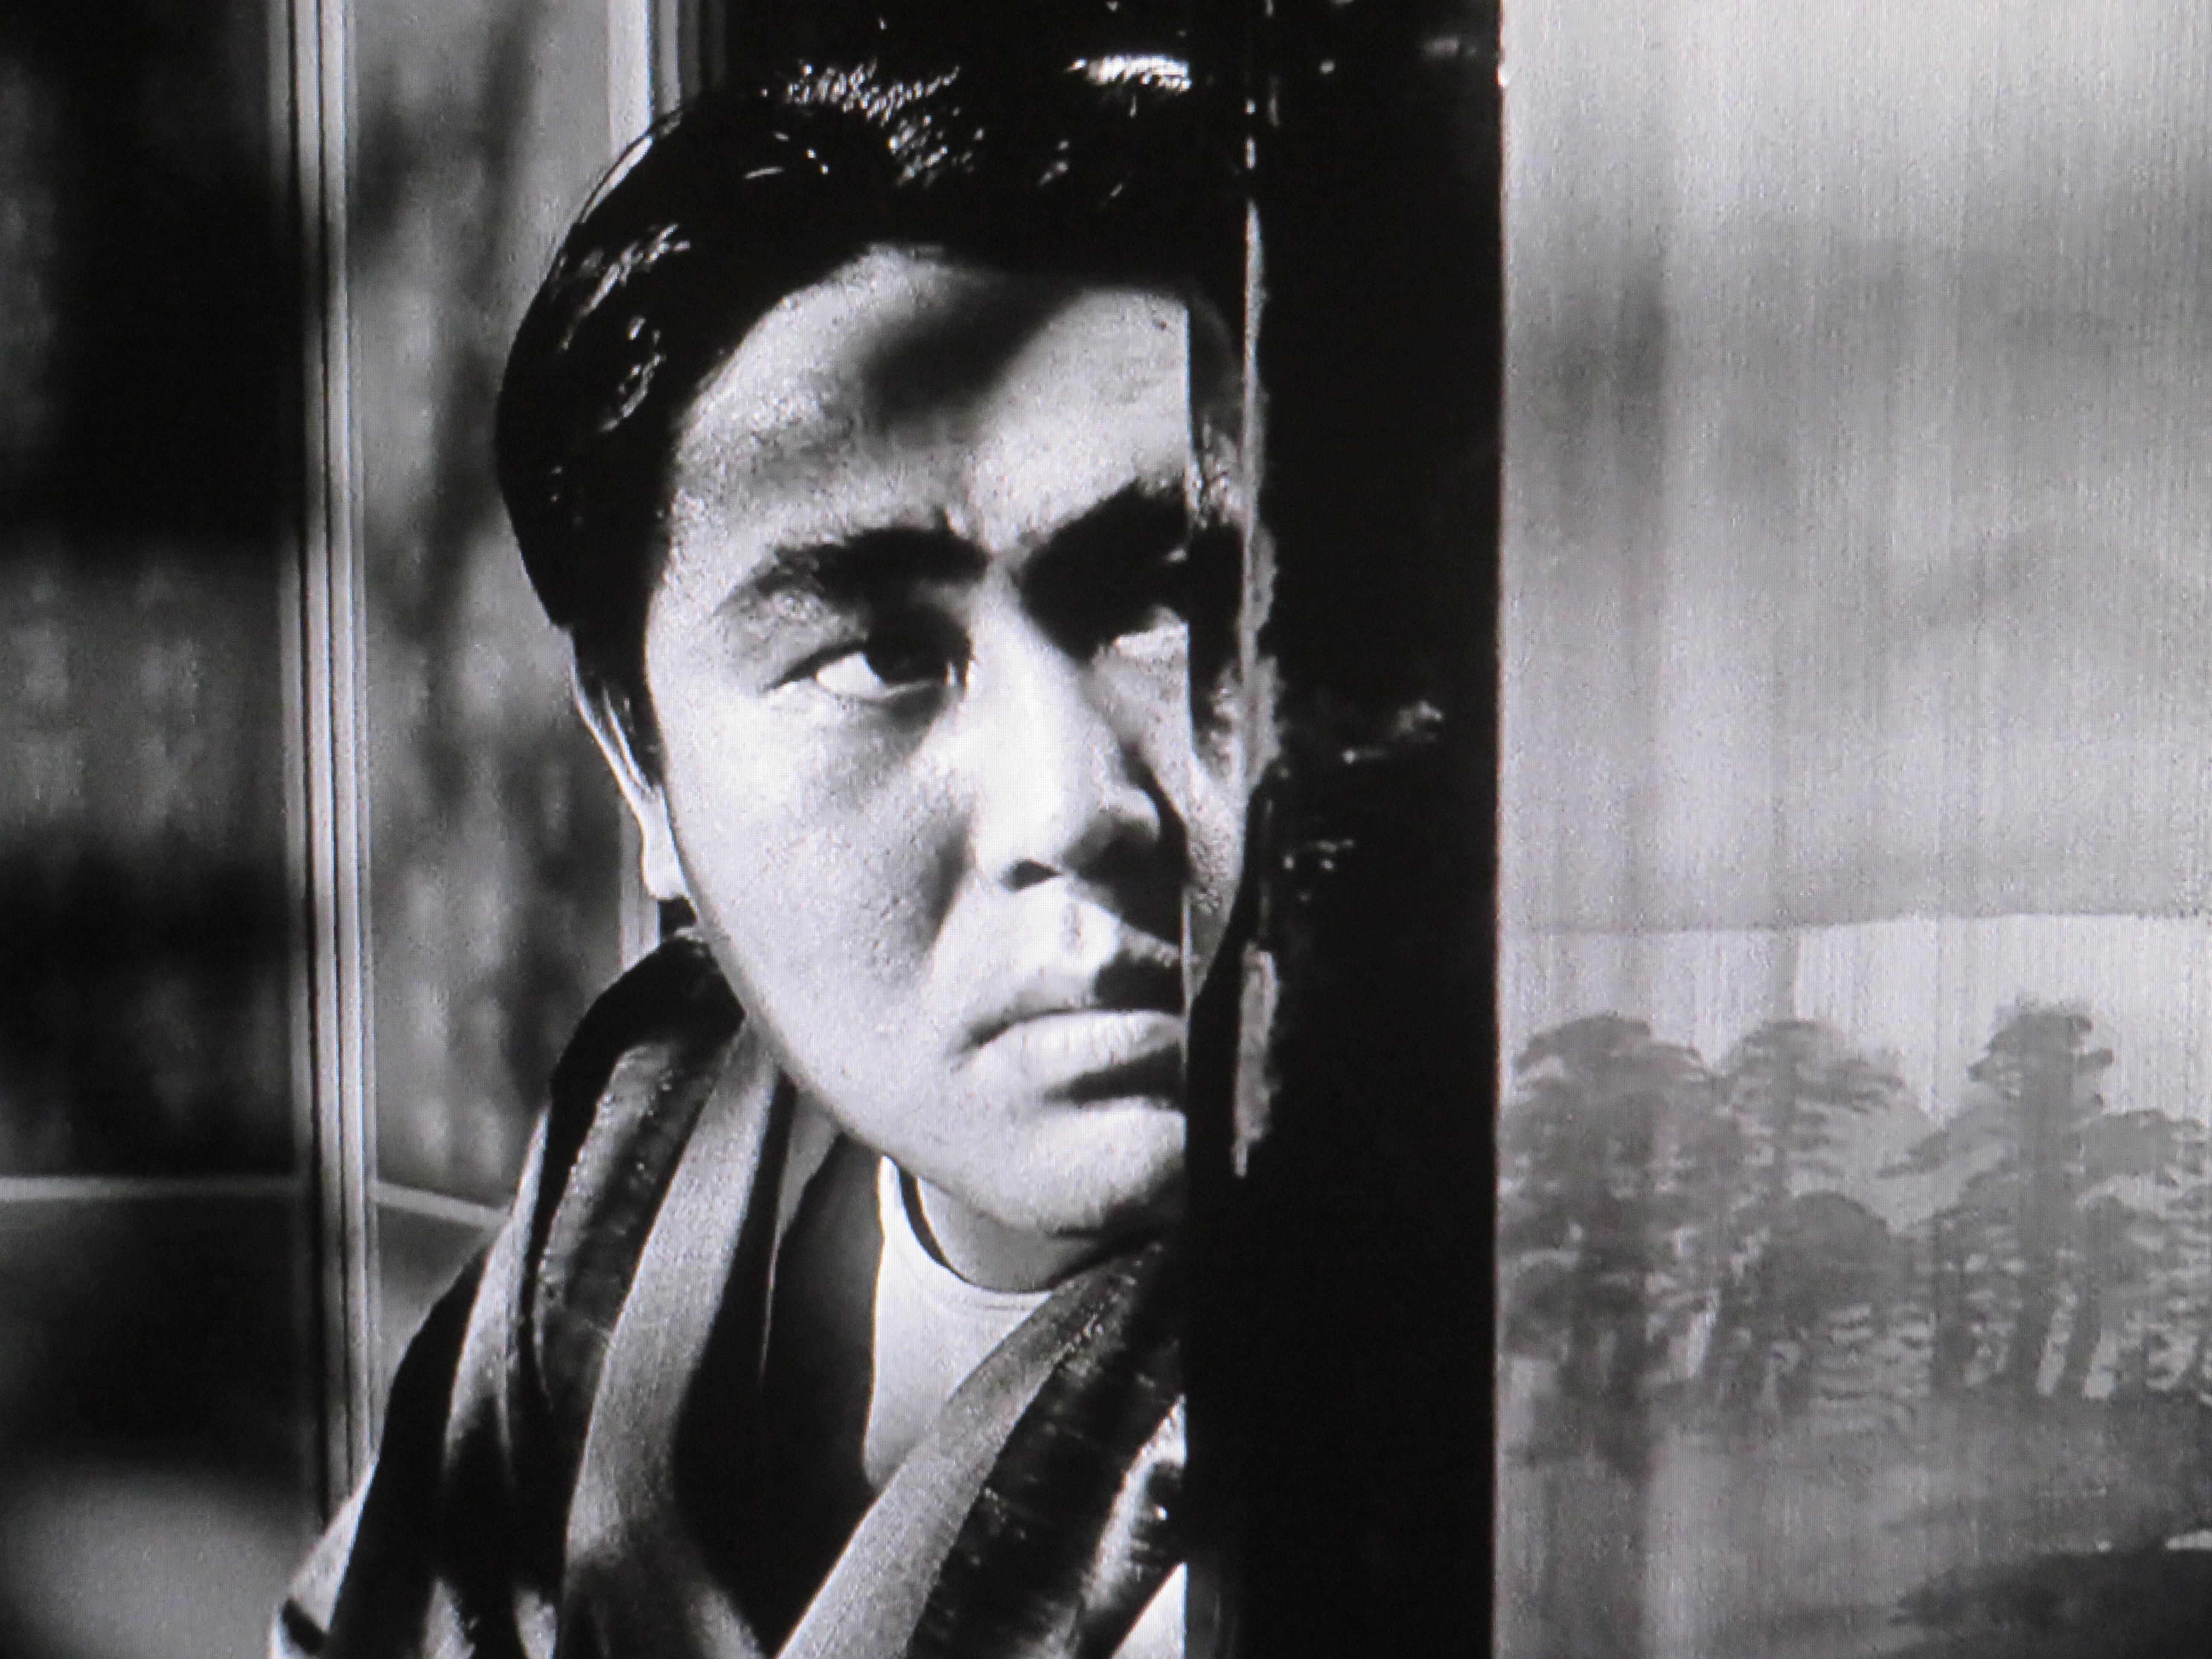 Hideo Mori in Tokyo Joe (1949)